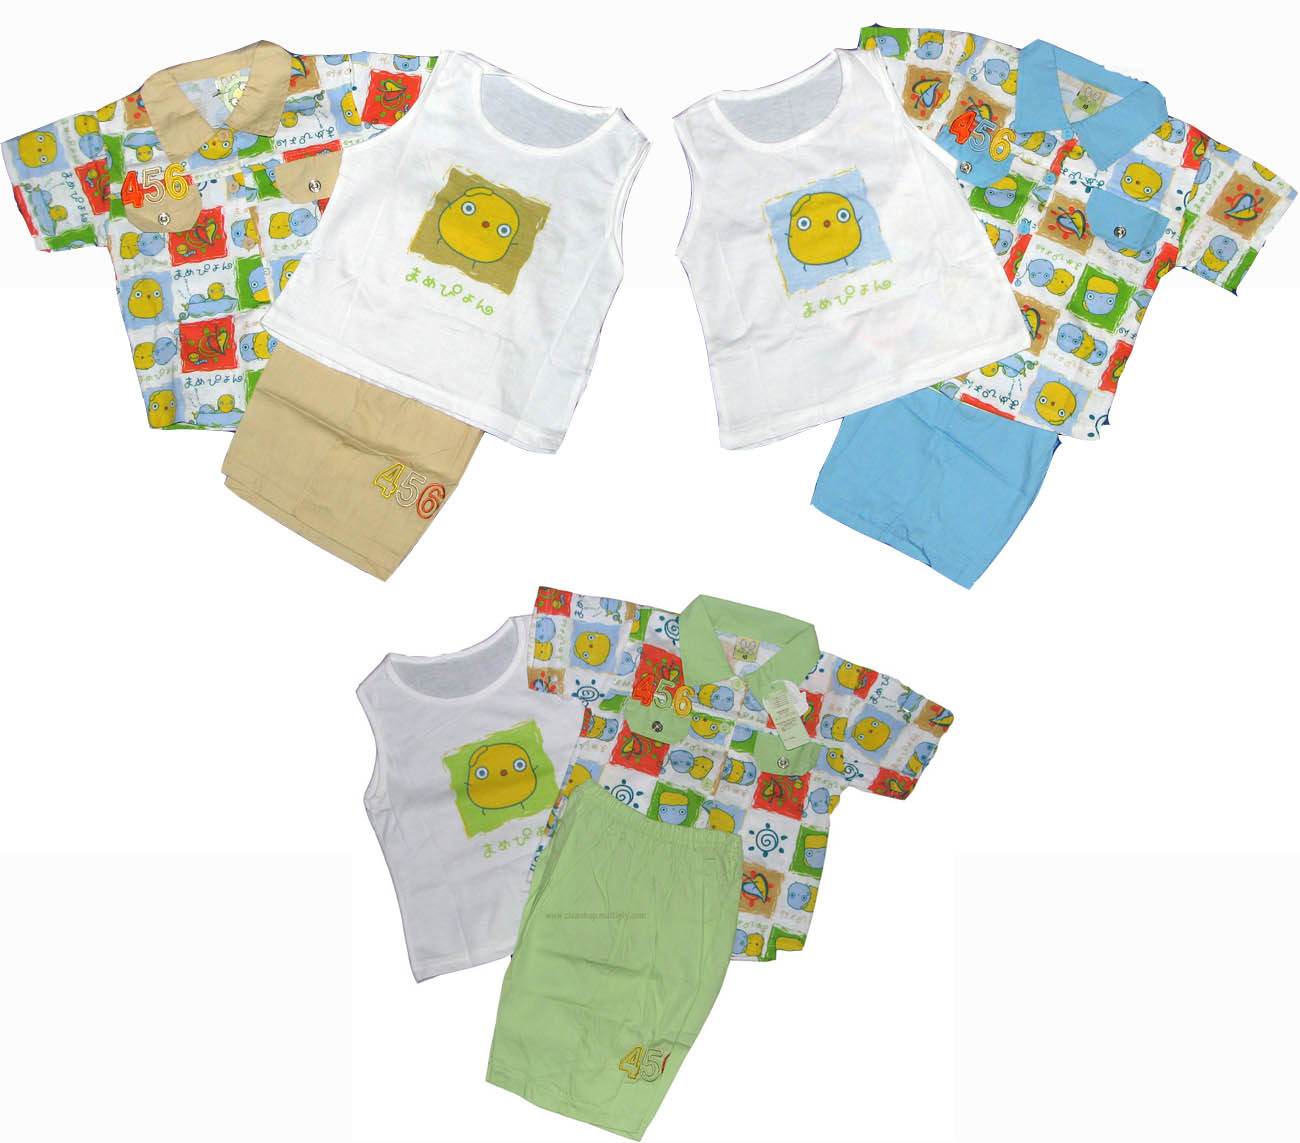 baju bayi elevenia.co.id